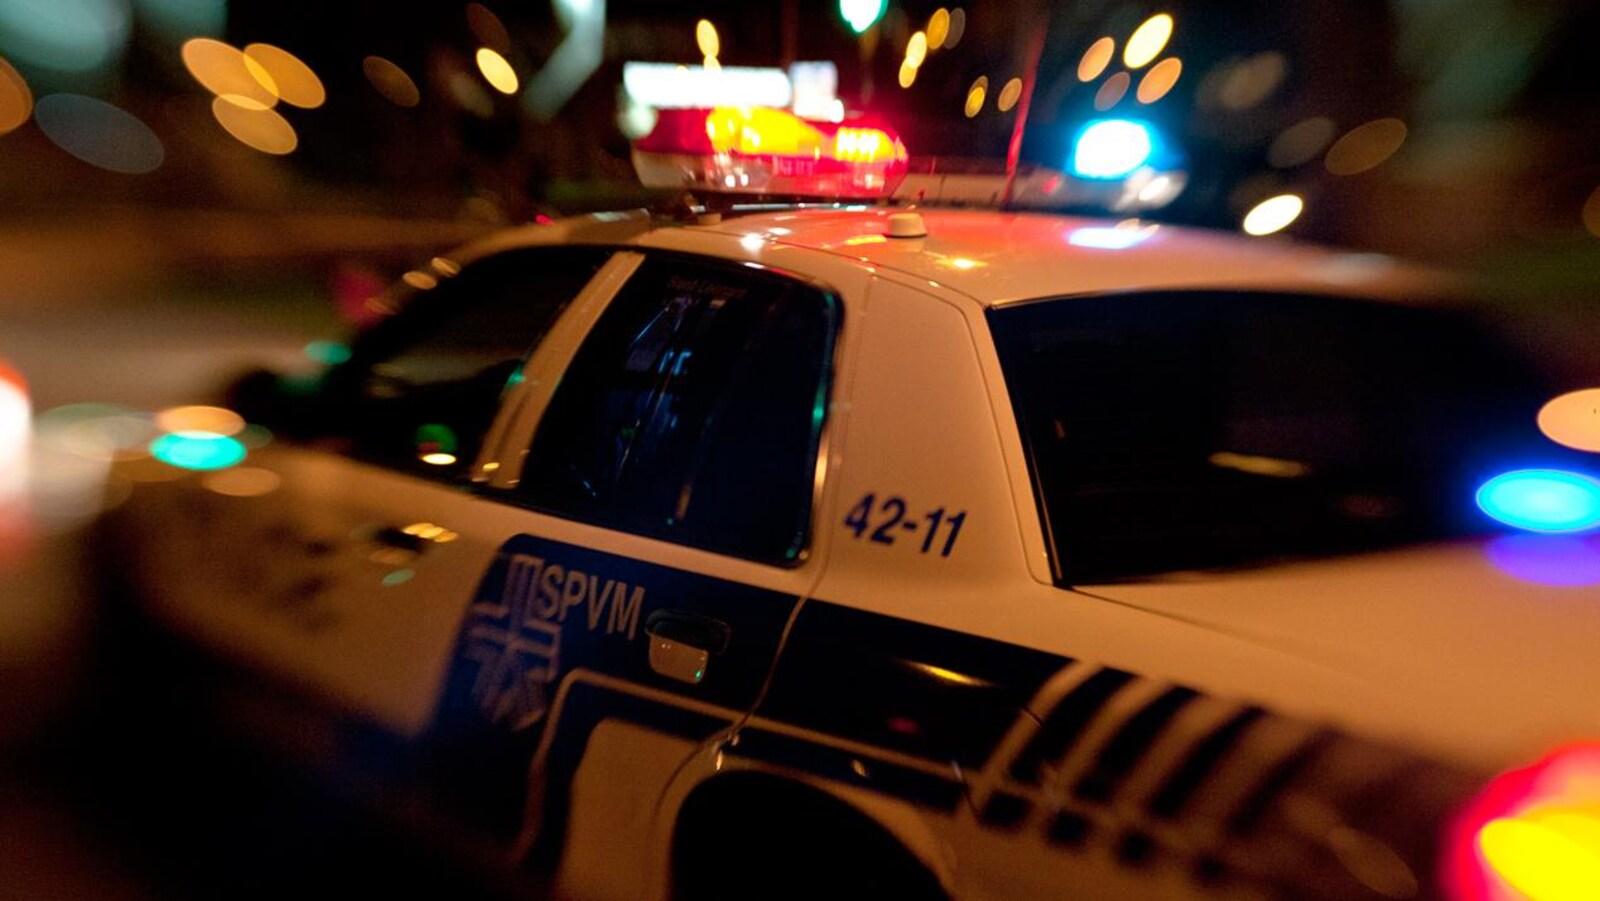 Zoom sur une autopatrouille du Service de police de Montréal dans la nuit, en été. Modèle désuet de Ford Crown Victoria.